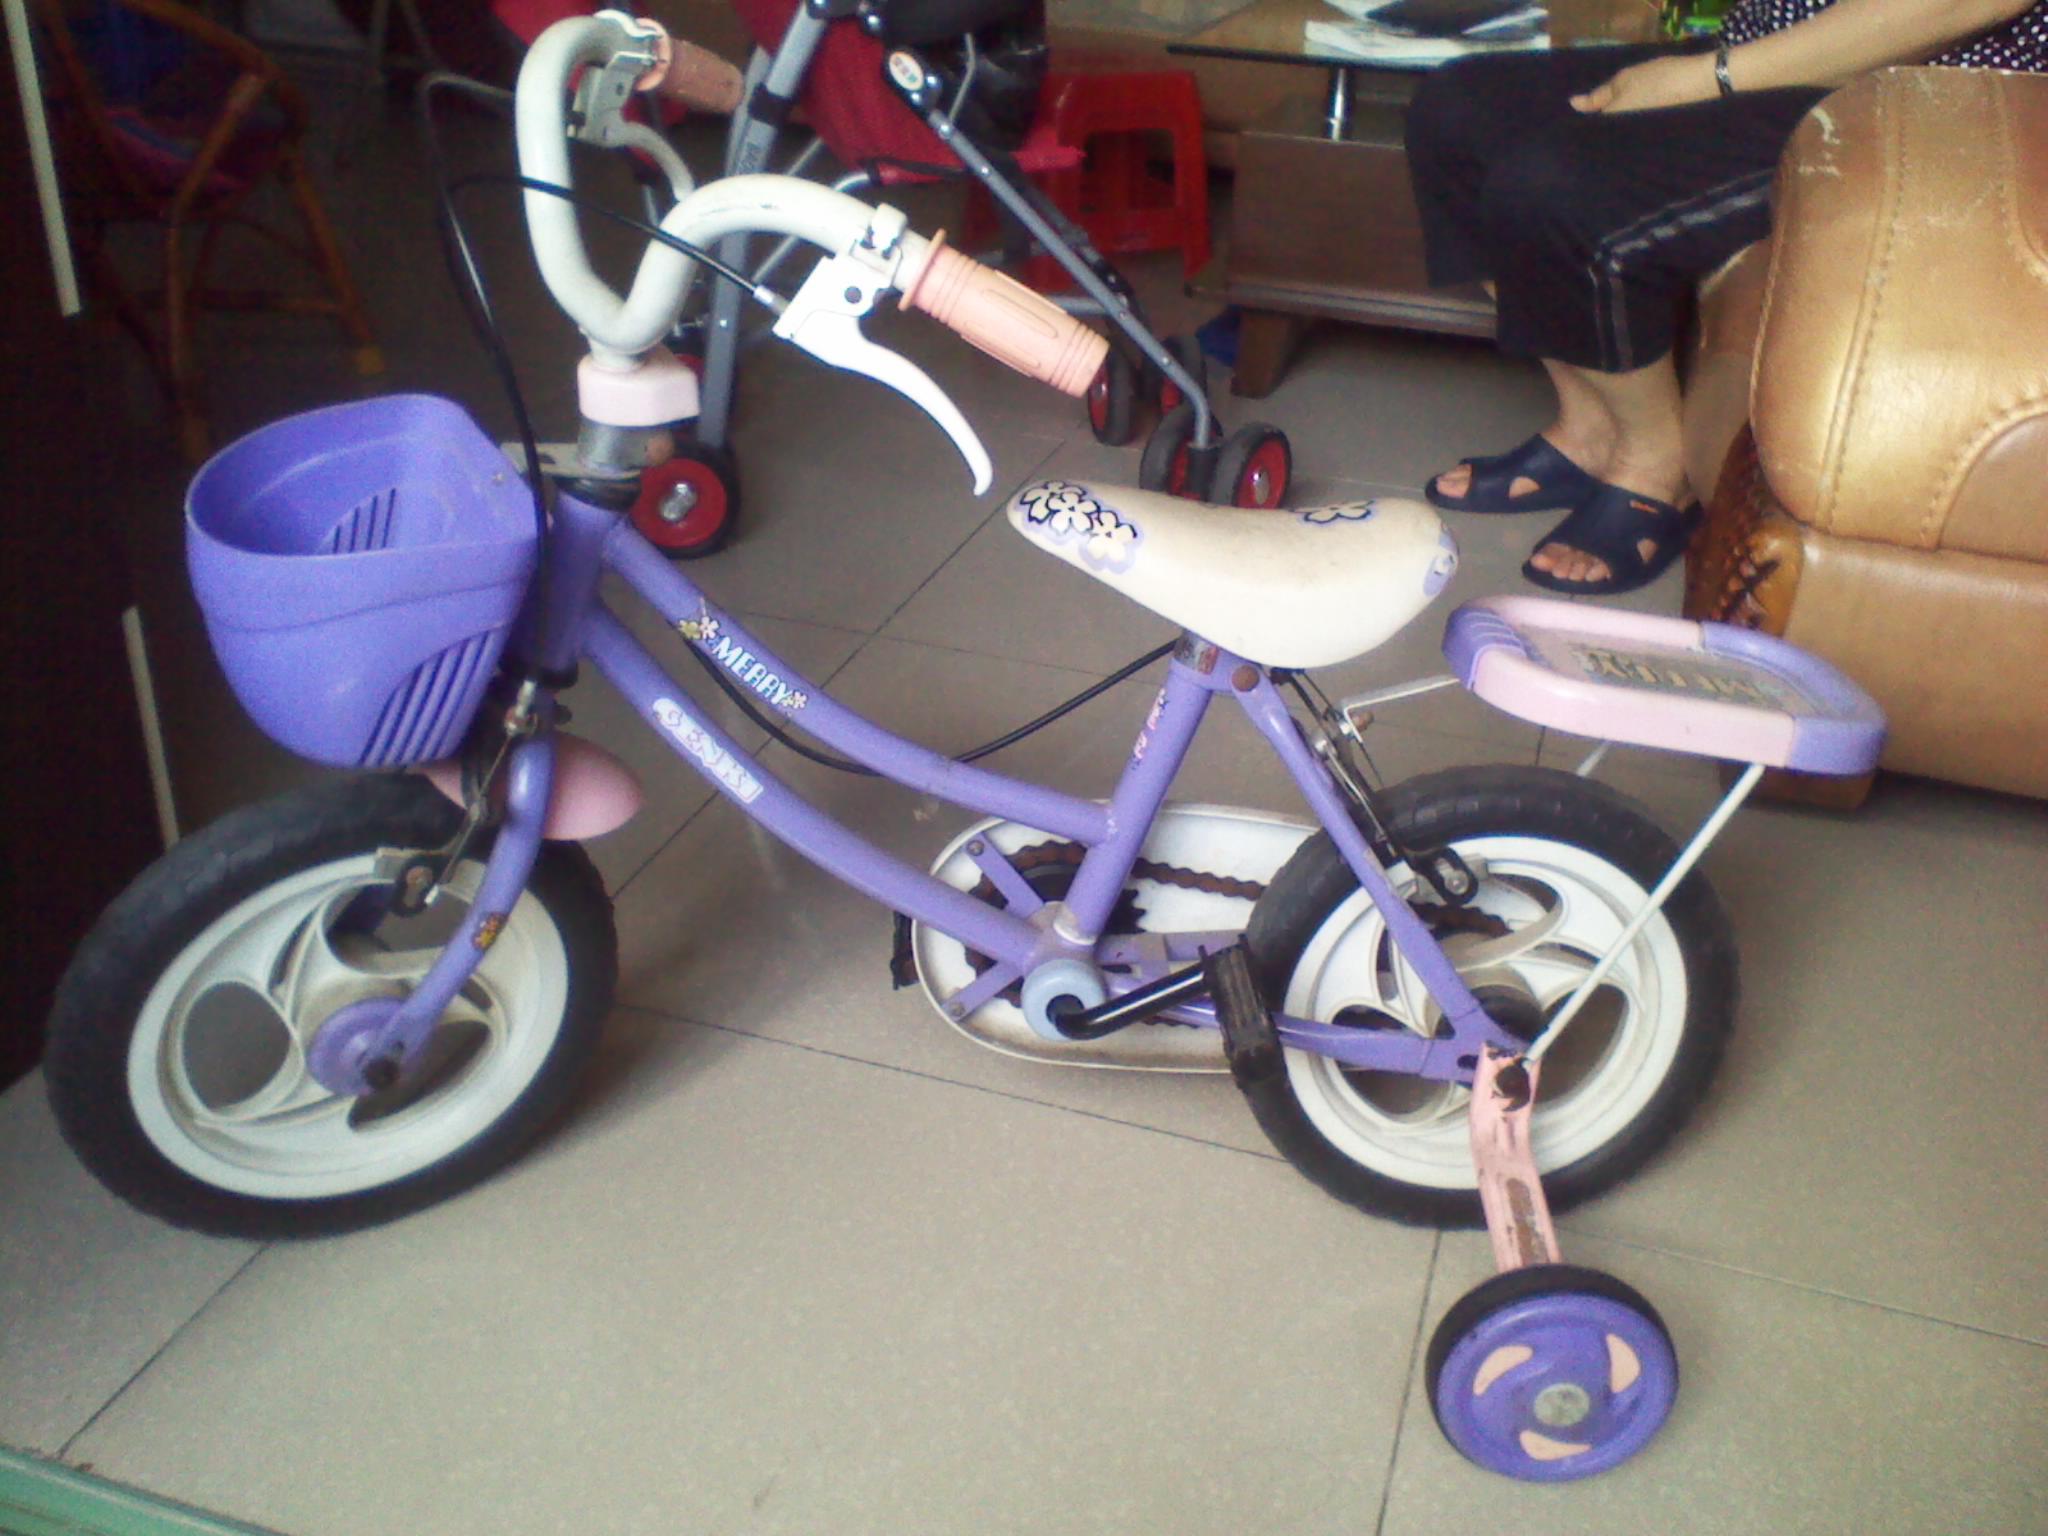 > [转让]闲置儿童自行车小推车扭扭车彩泥套装洗衣机无线麦克风缝纫机